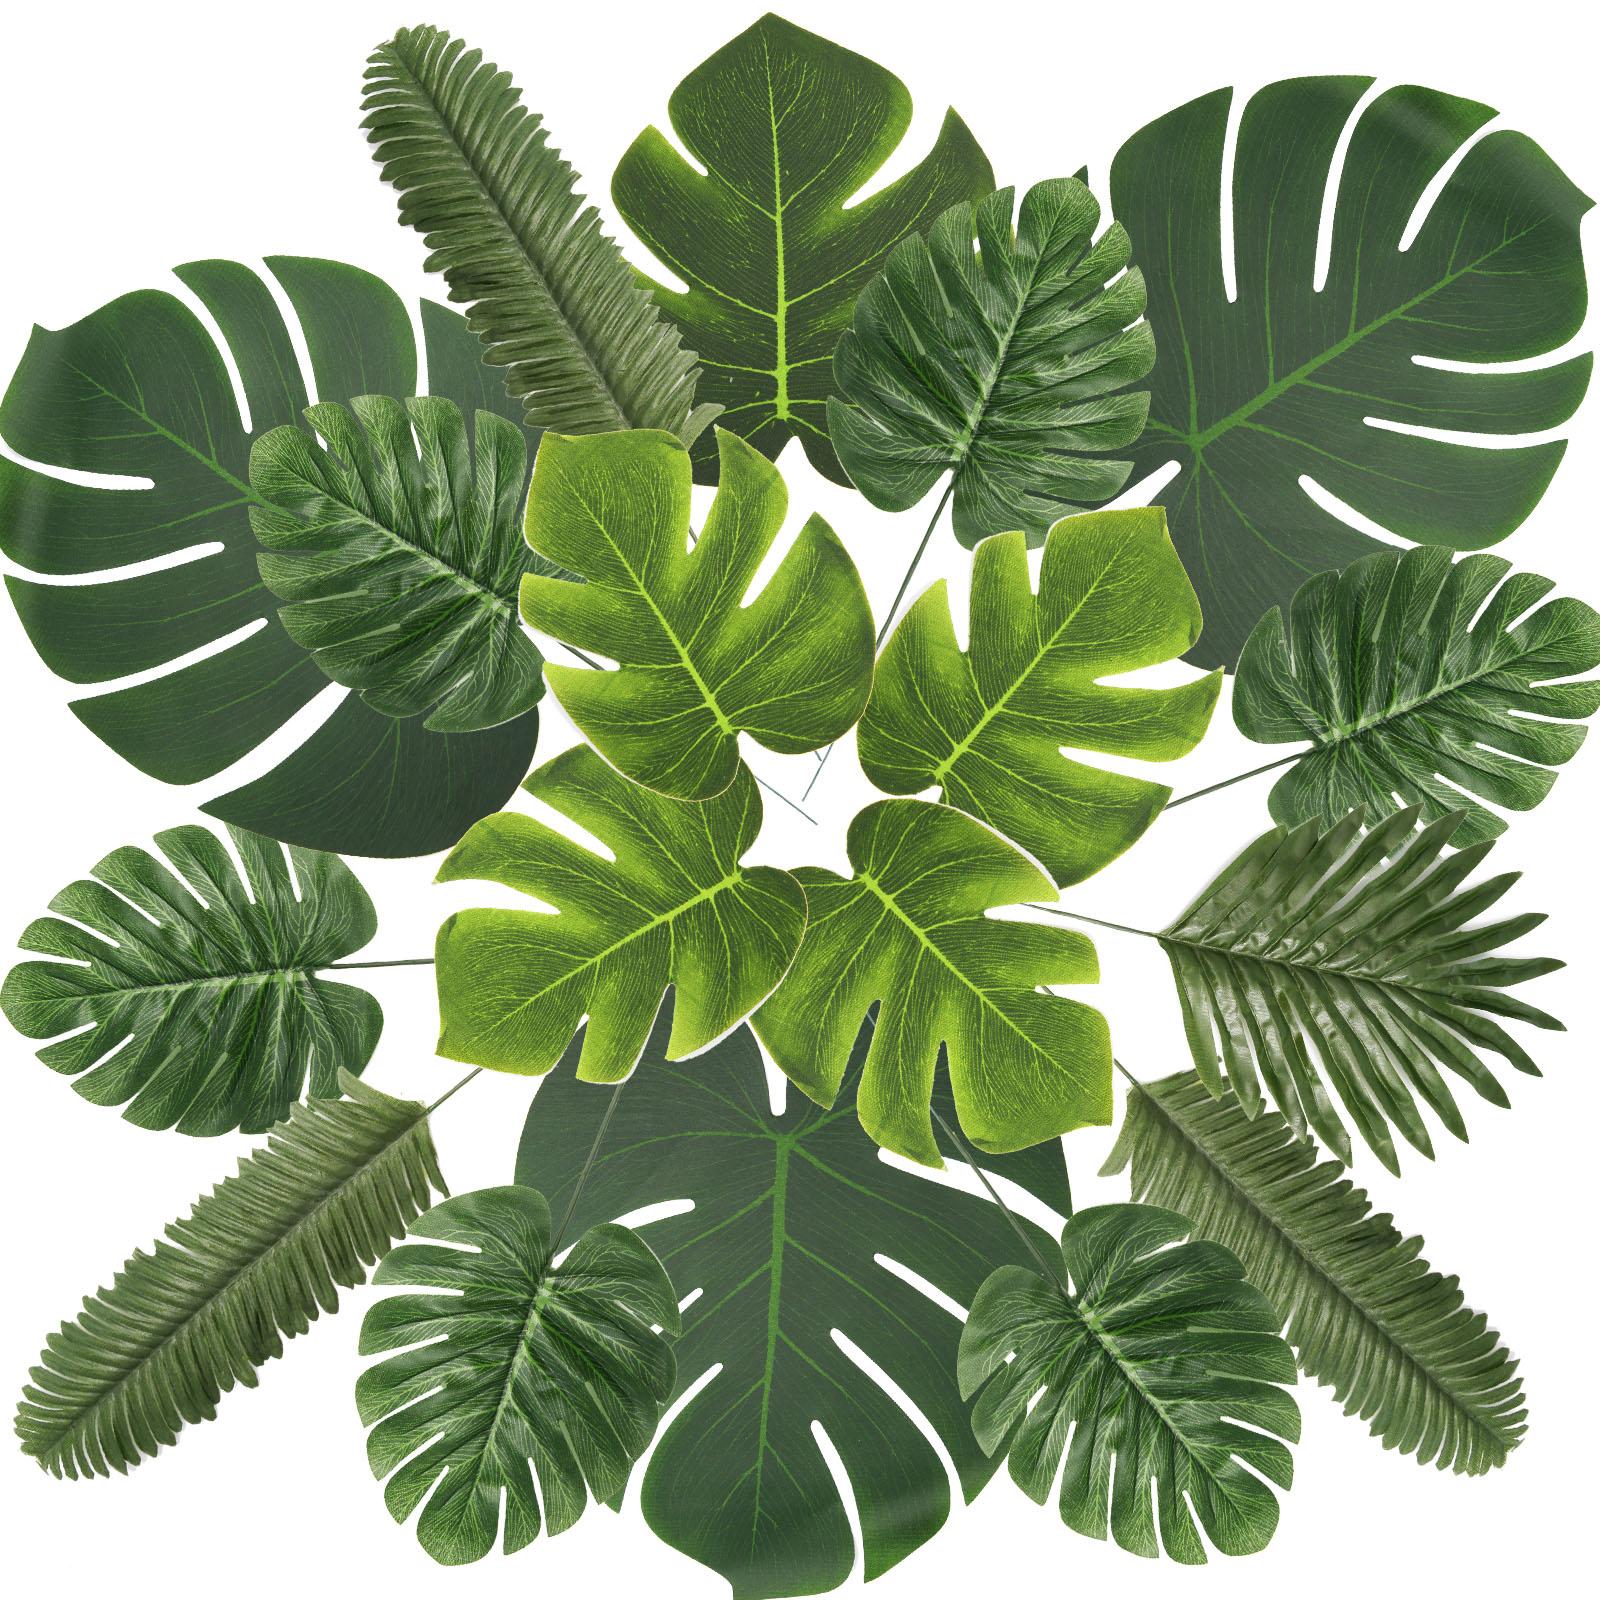 60-Stück 6 Arten Künstliche Palmblätter Tropische Party Dekoration Blätter